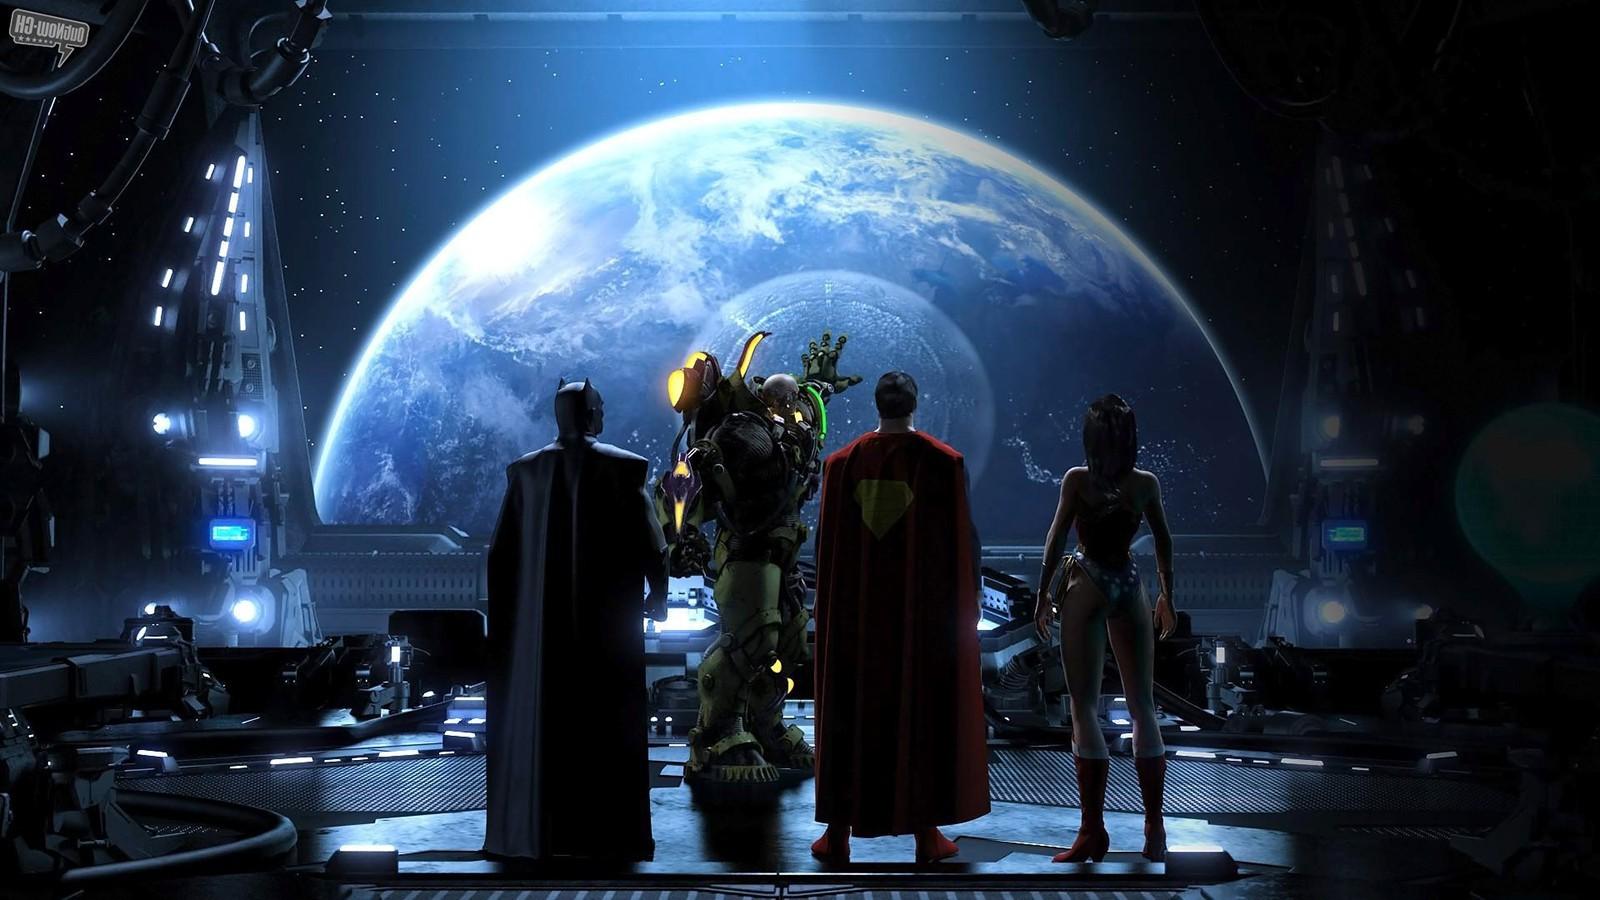 Wallpaper 1600x900 Px Batman Justice League Lex Luthor